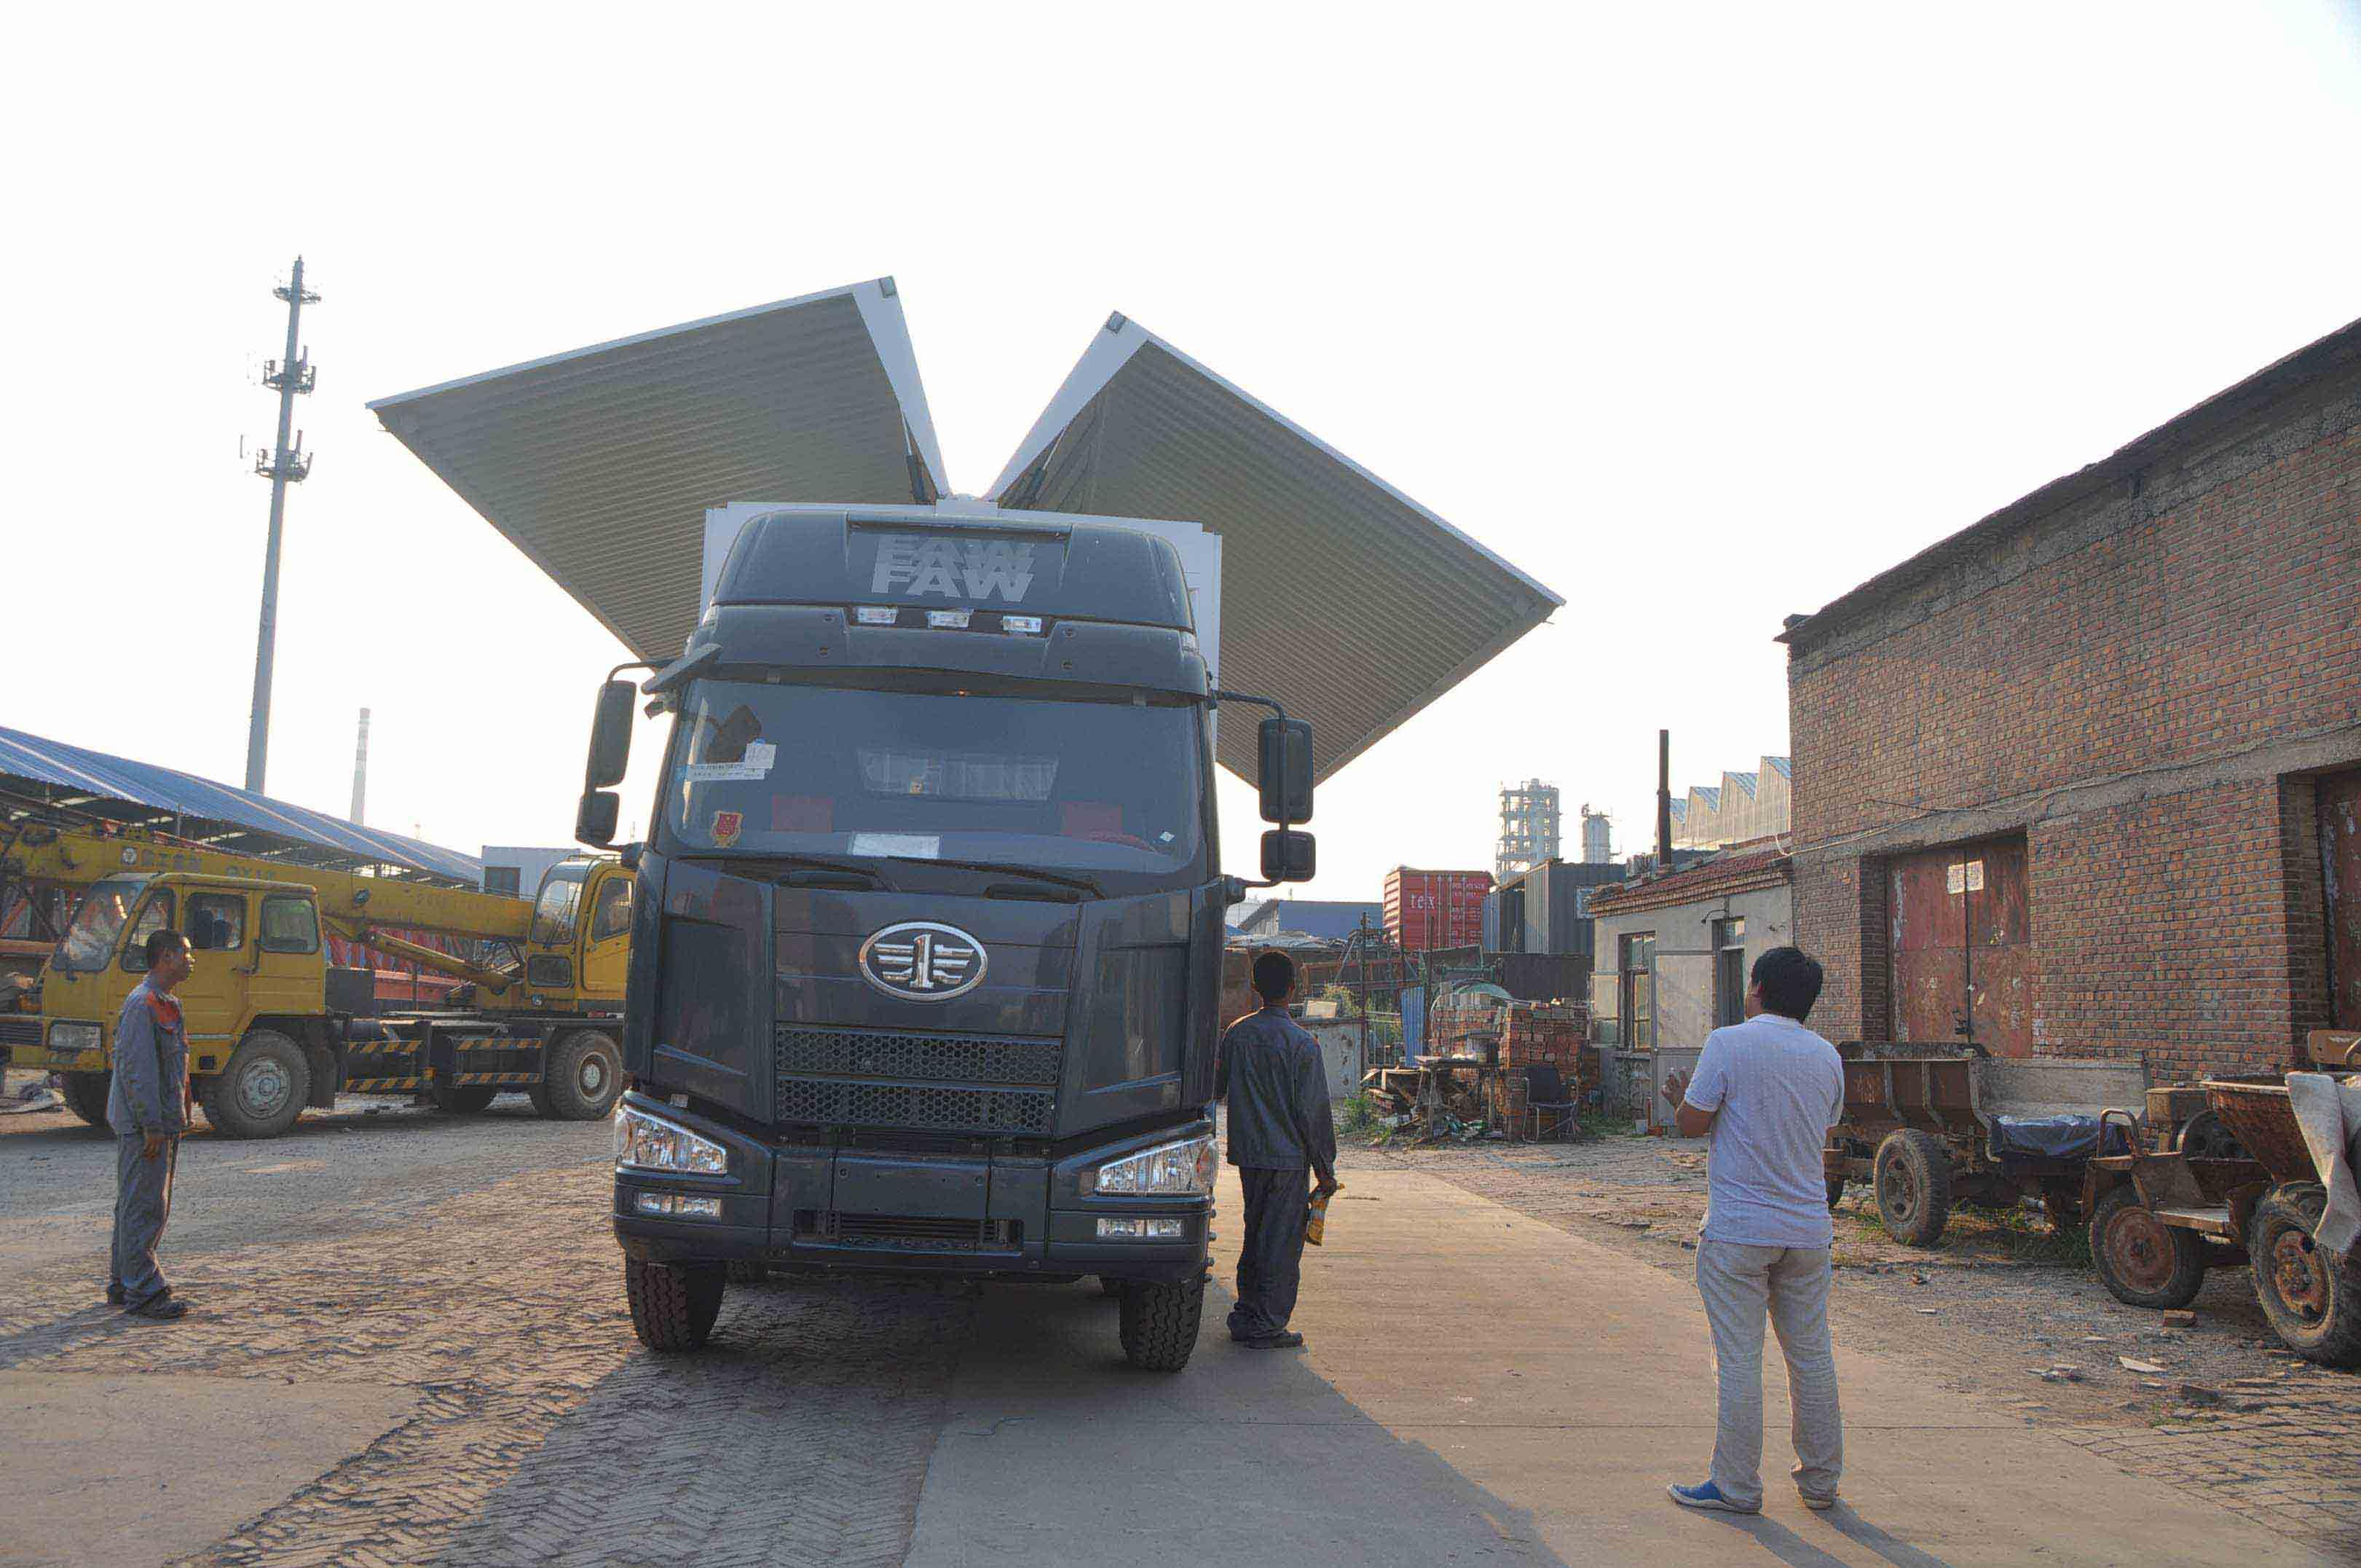 山东两侧双展翼箱报价低的公司,我们认准飞翼生产厂